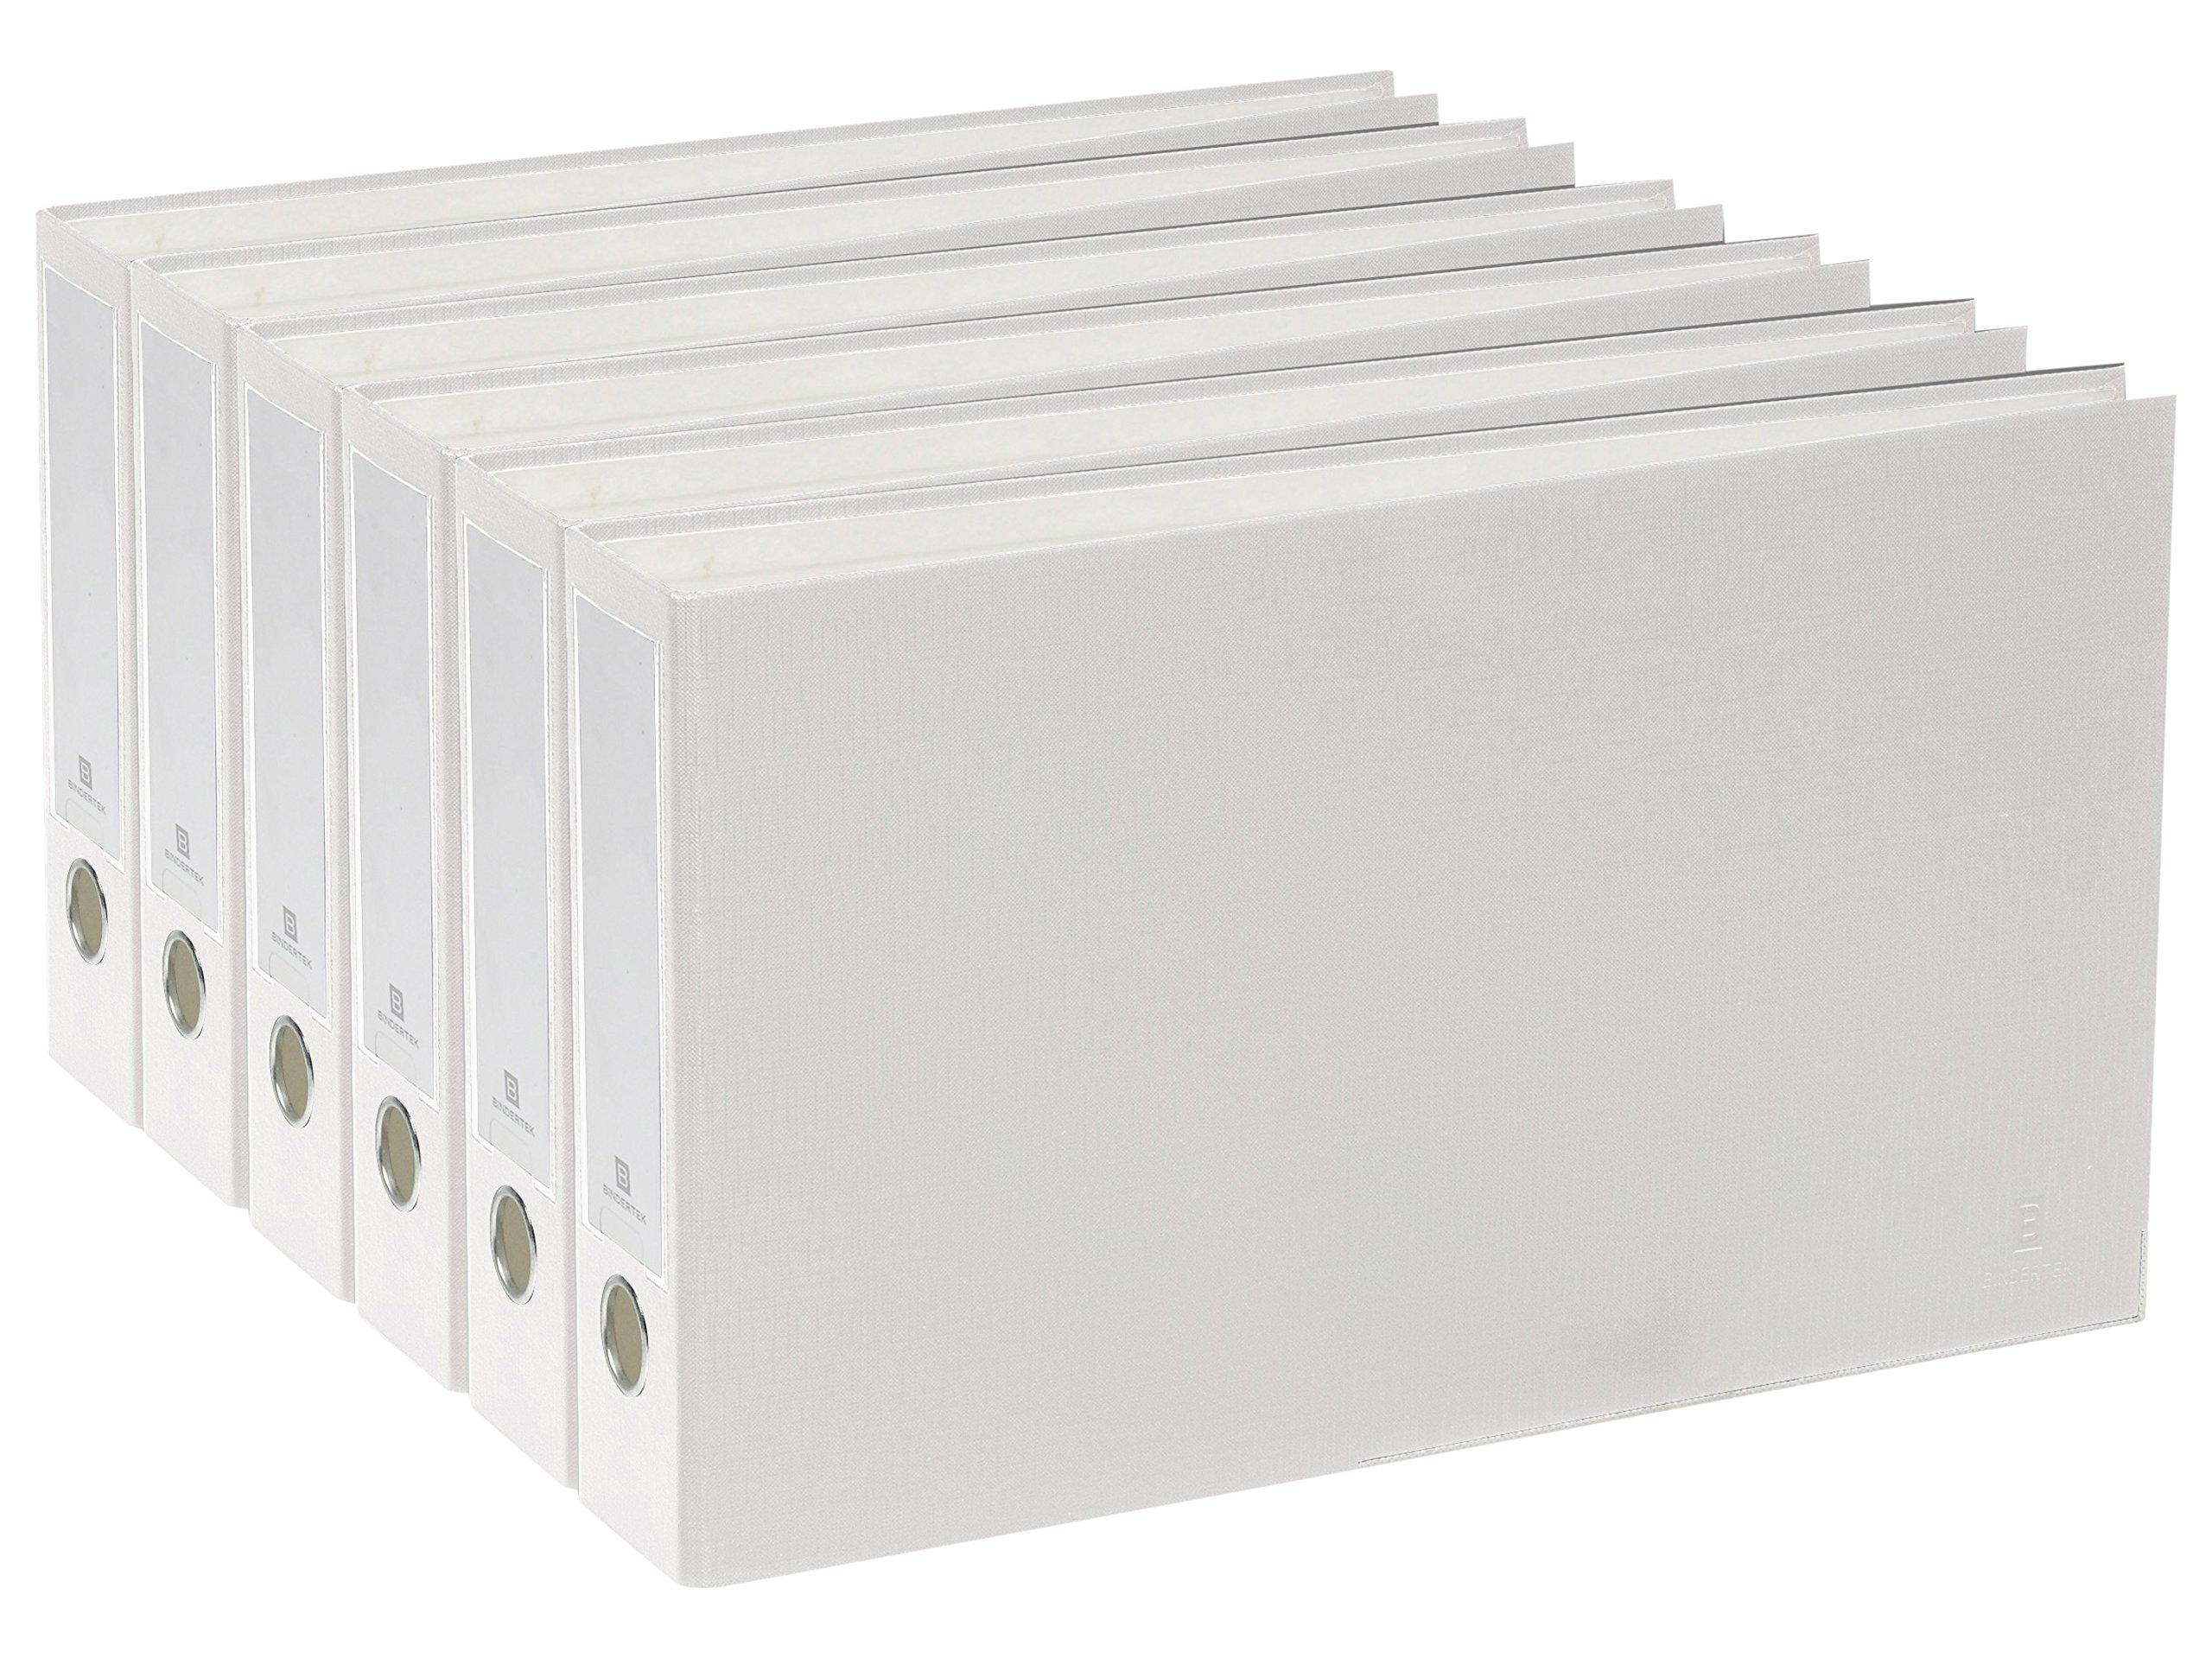 Bindertek 3-Ring 2-Inch Premium Ledger Binder 6-Pack, For 11 x 17 Paper, White